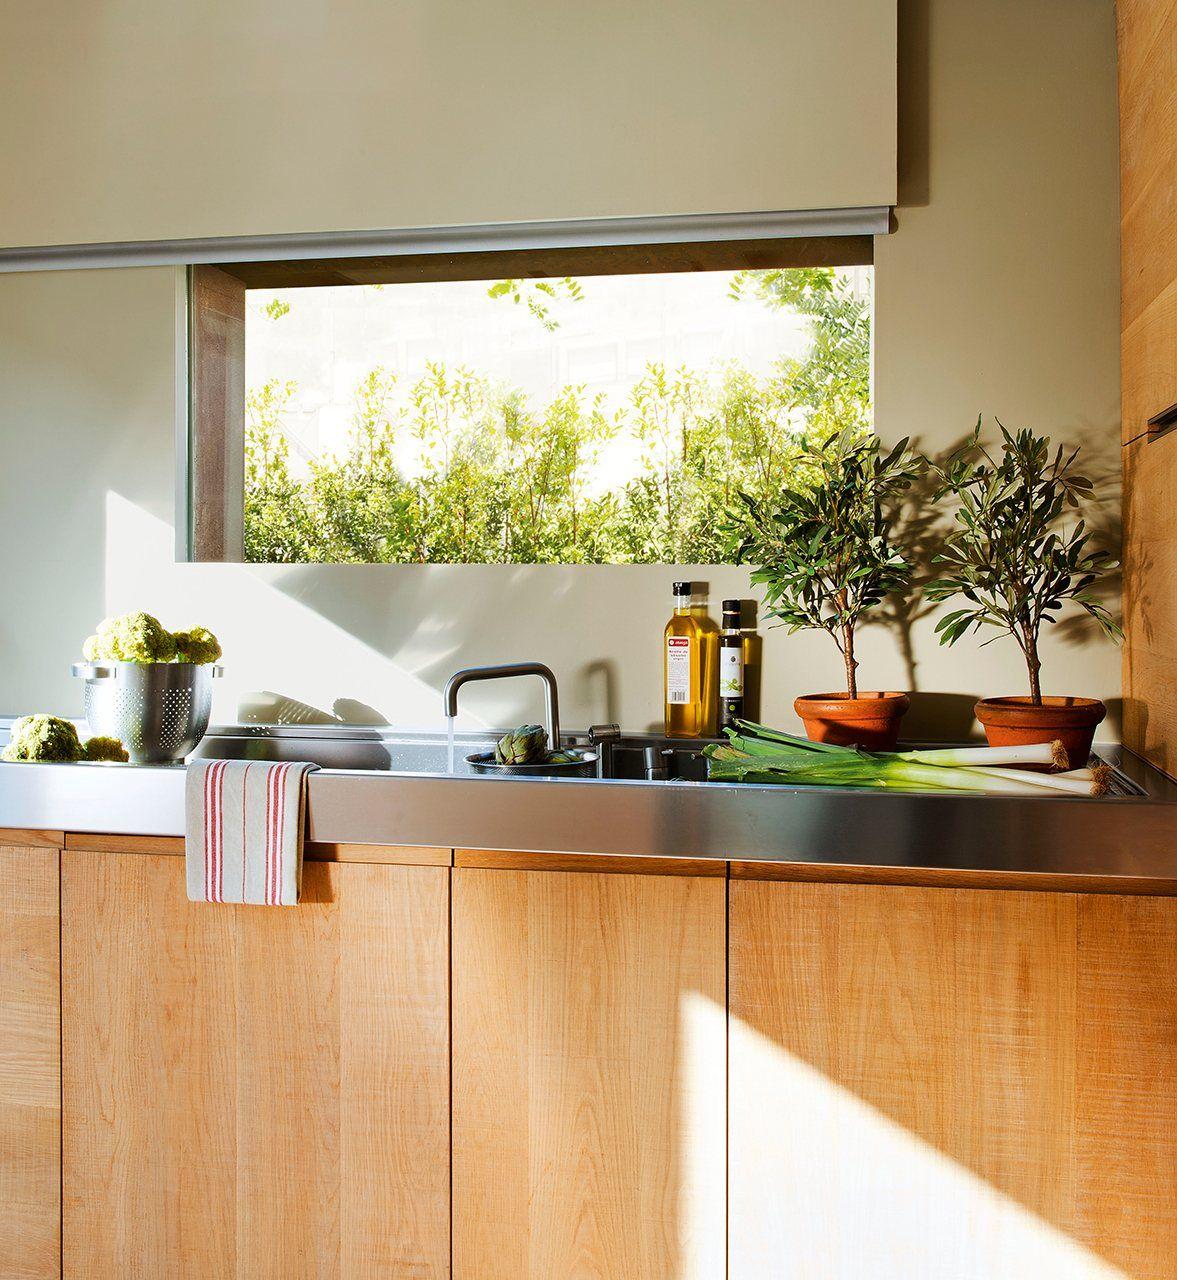 Abierta y c lida una cocina con alma de roble elmueble cocinas cocinas y ba os roble - Cocina con alma ...